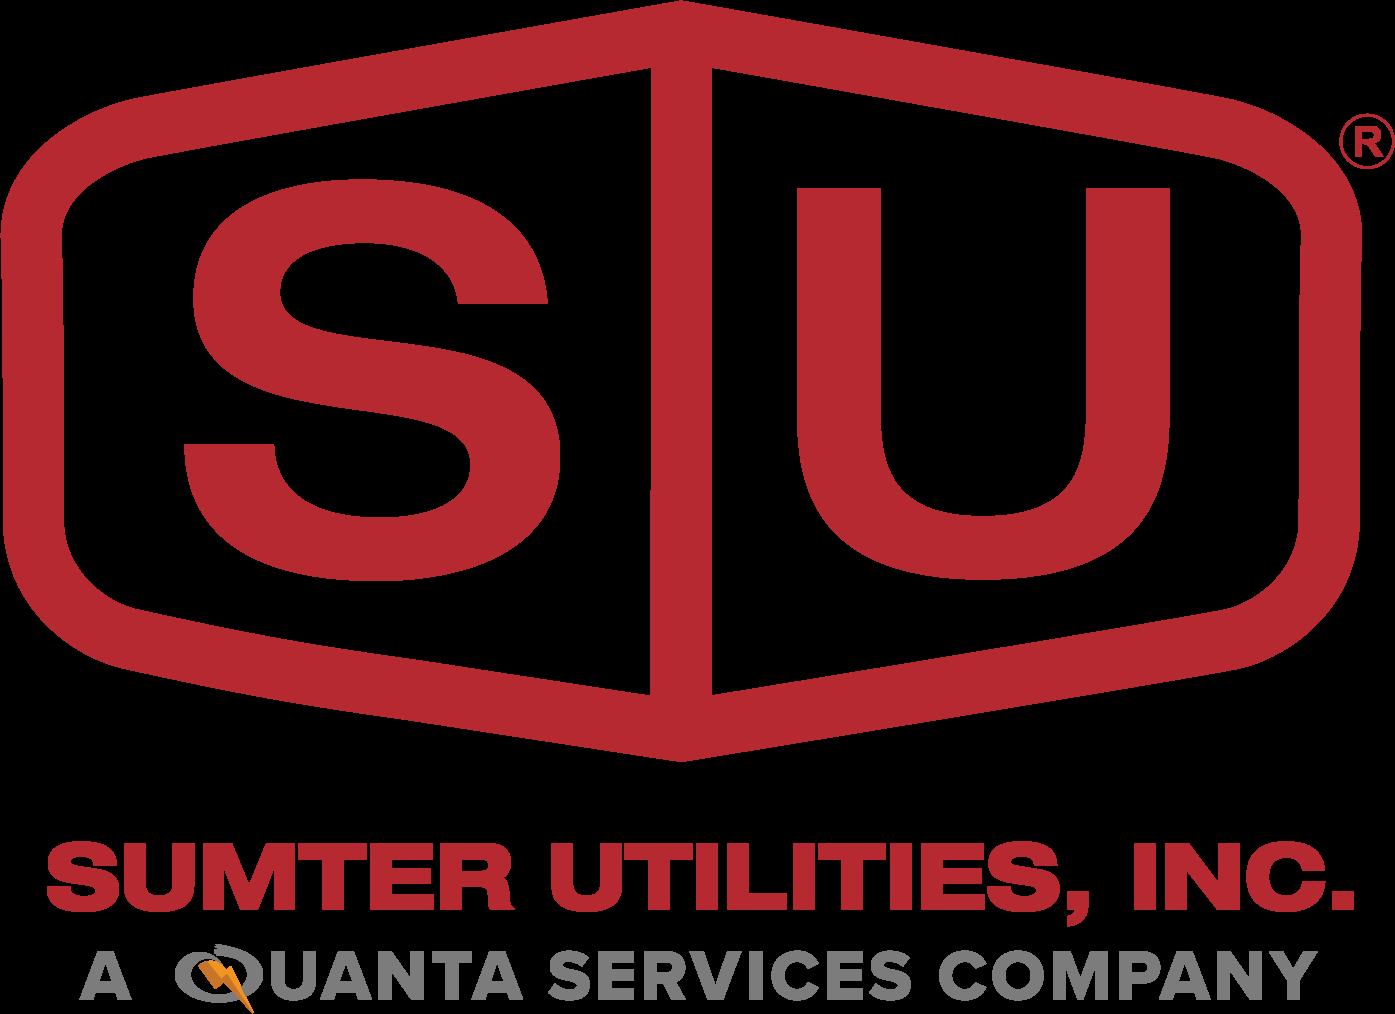 https://growthzonesitesprod.azureedge.net/wp-content/uploads/sites/1673/2018/07/Sumter-Utilities-Logo_PNG.png